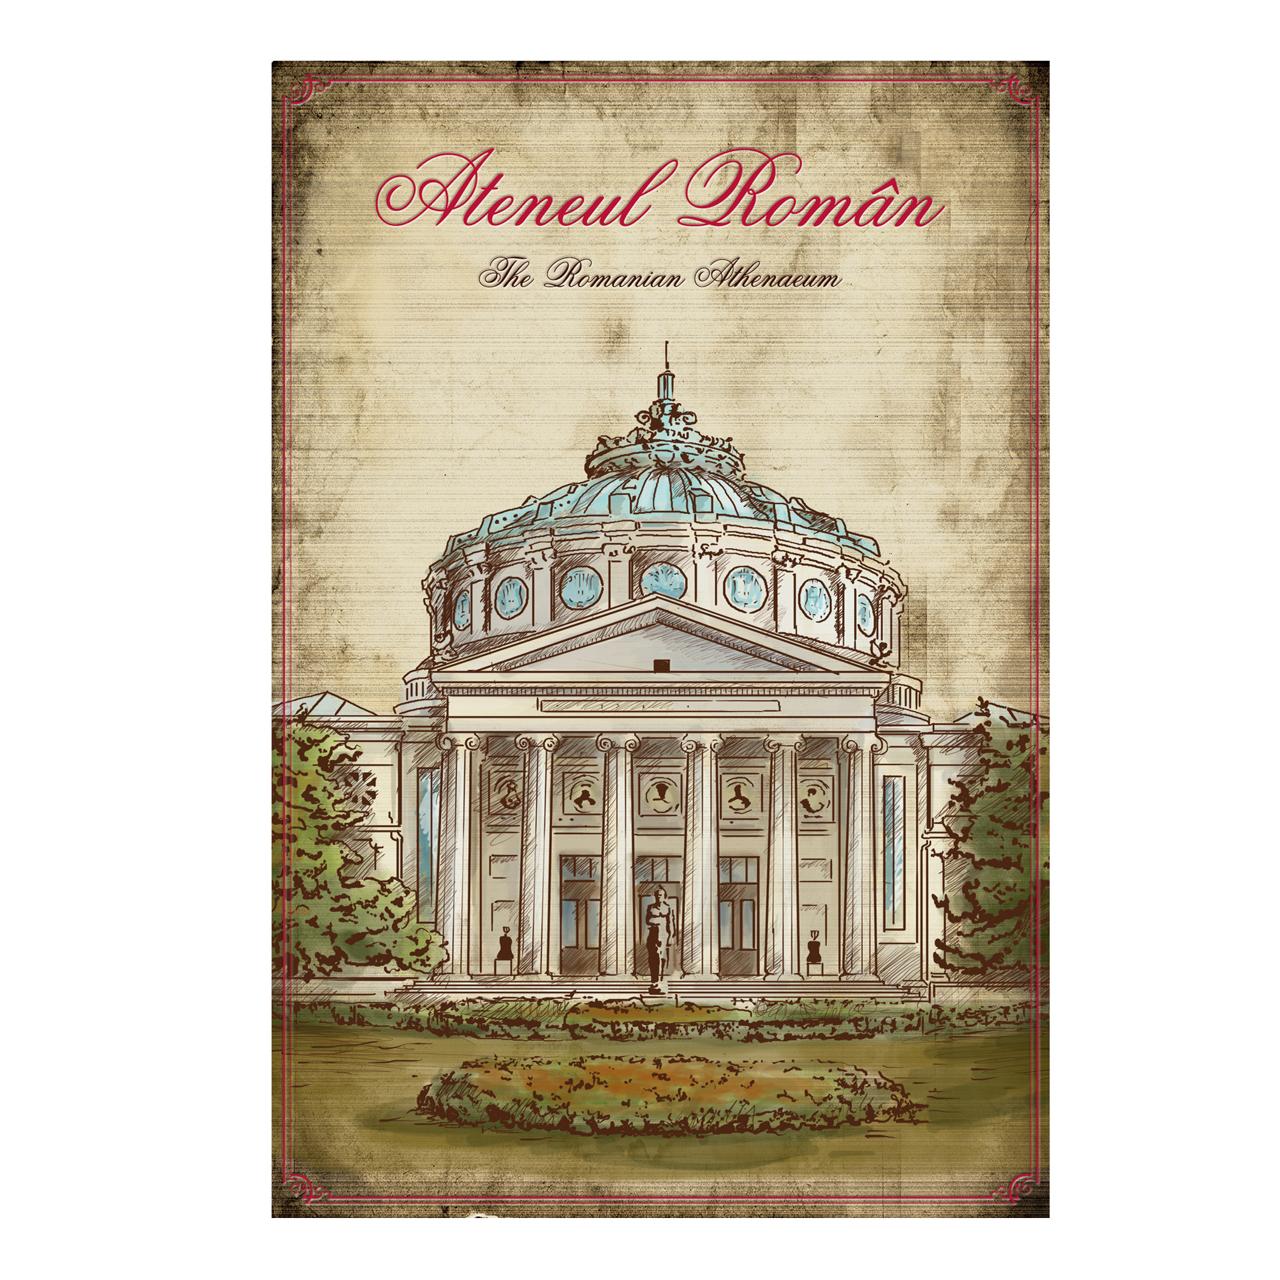 Carte Postala Din Carton Cu Ateneul Roman